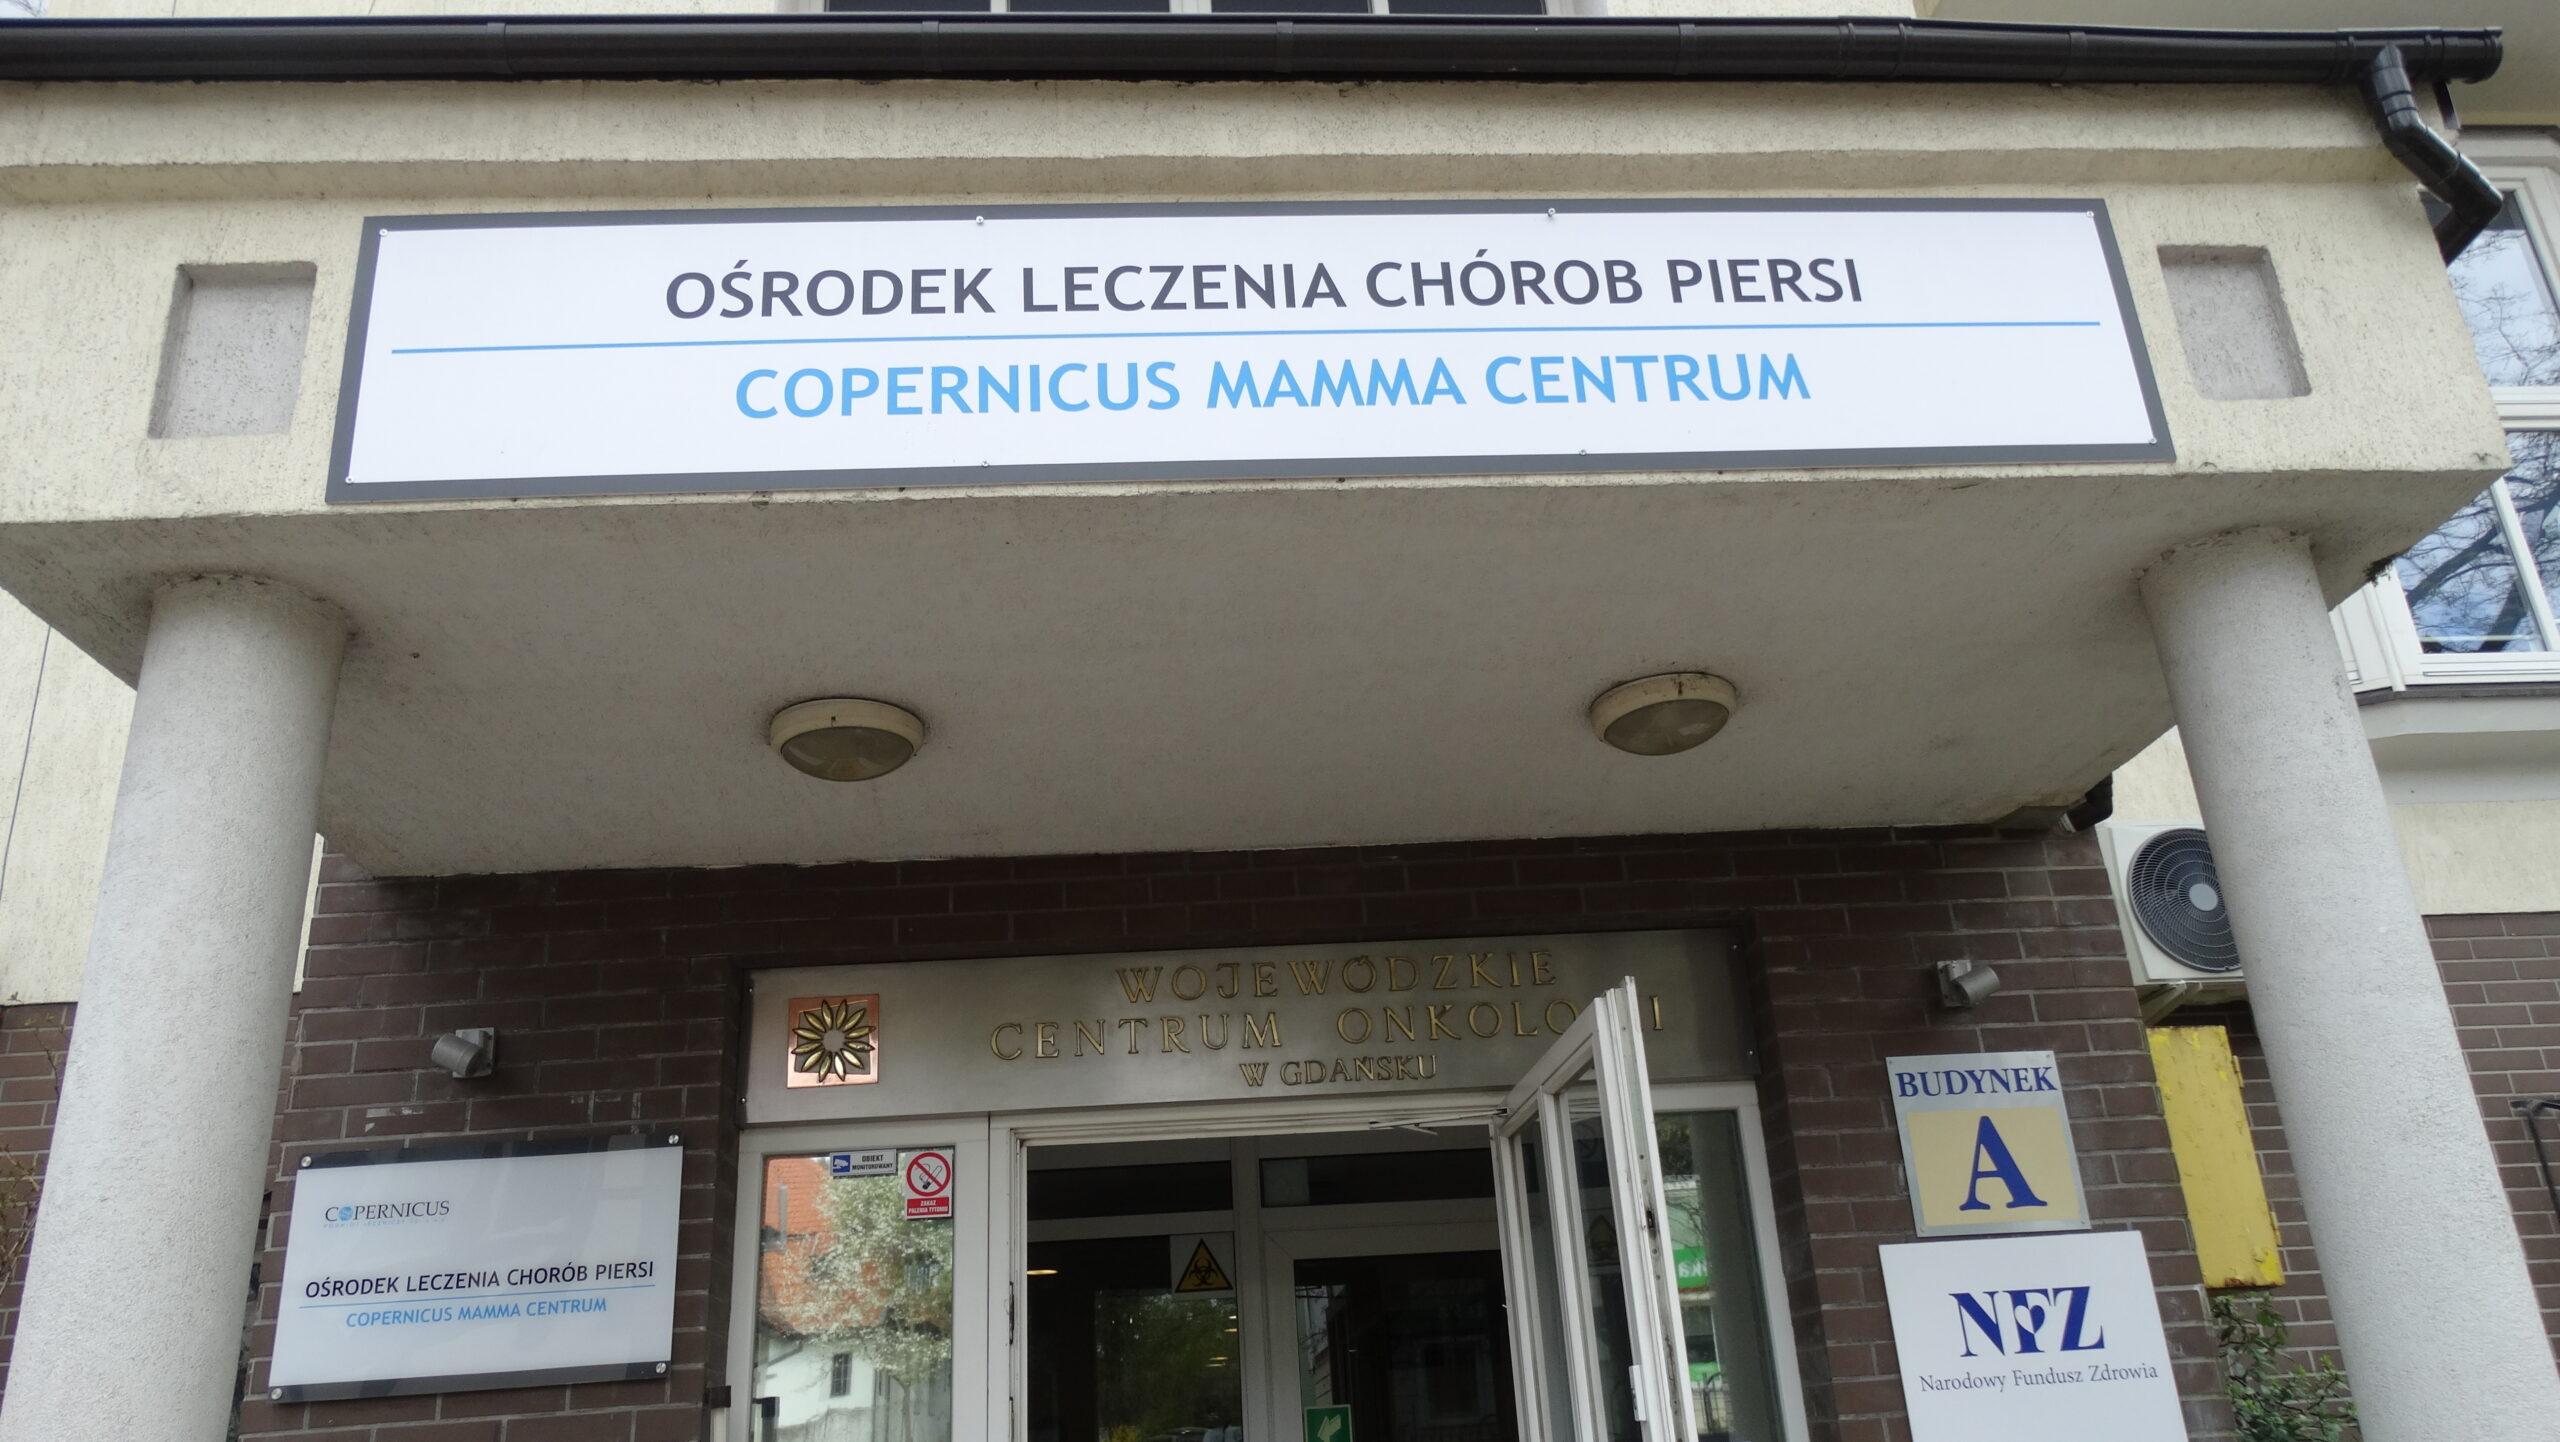 Dzień drzwi otwartych w Copernicus Mamma Centrum. Bezpłatne badania i konsultacje onkologiczne